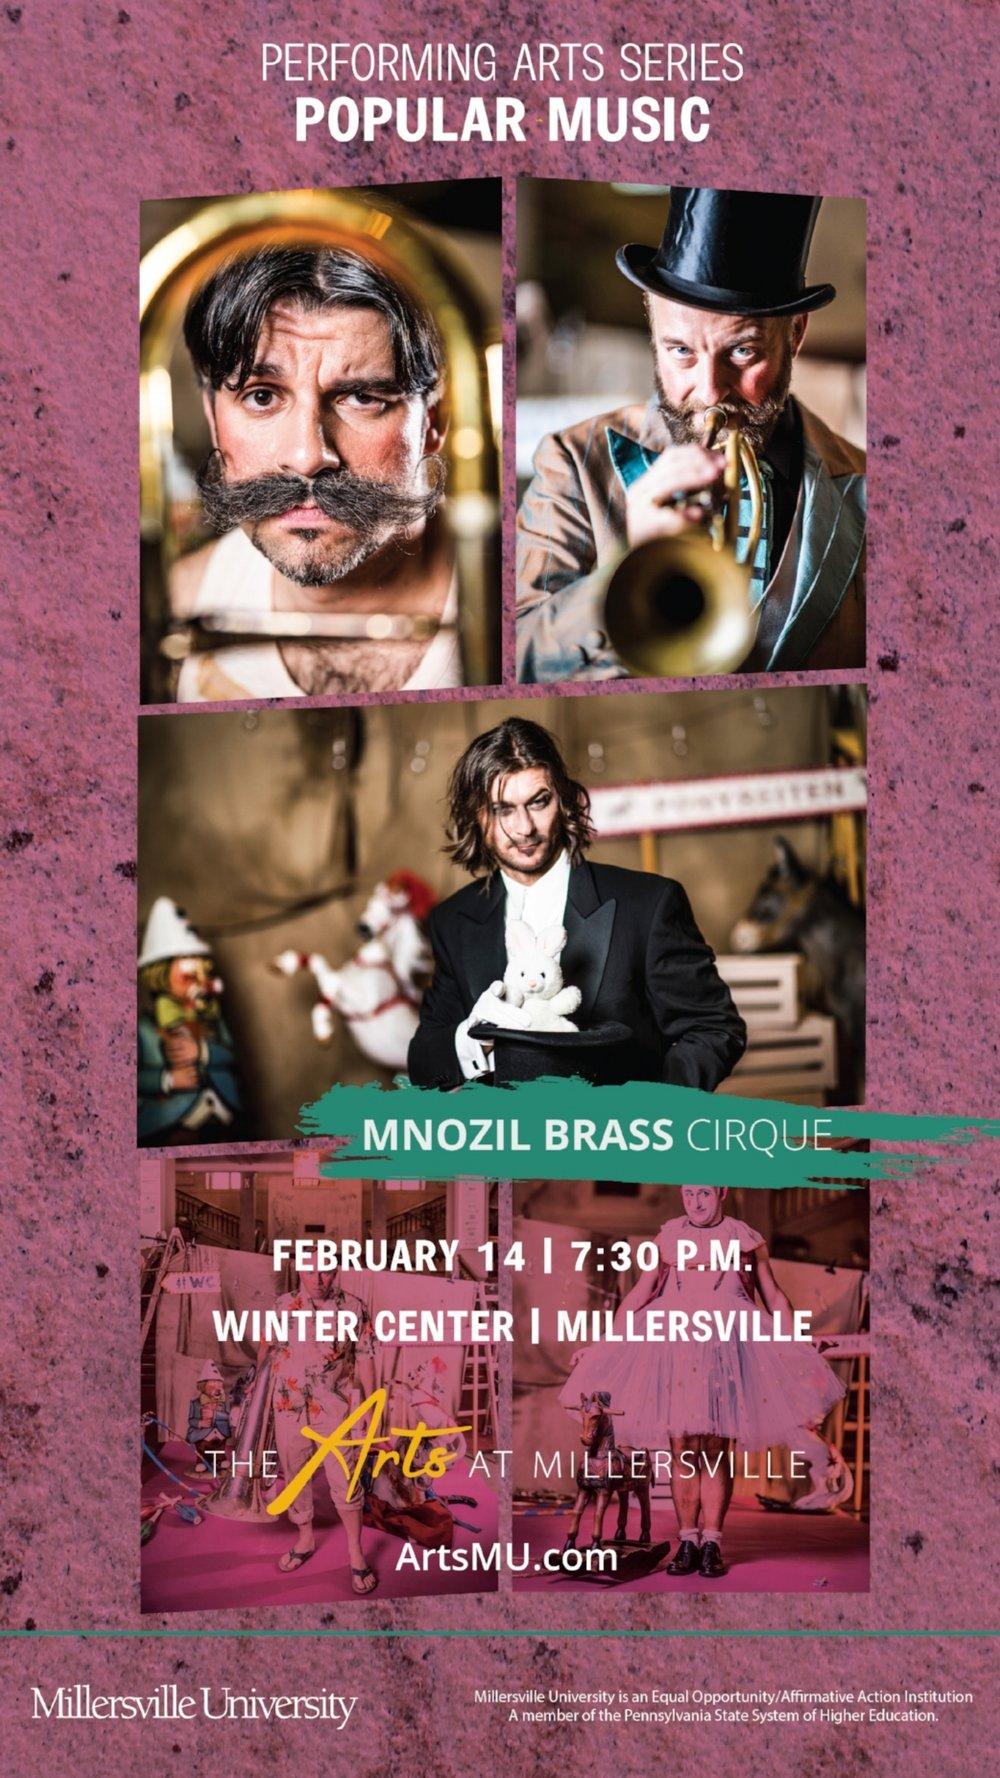 MnozilBrass_Poster-01.jpg